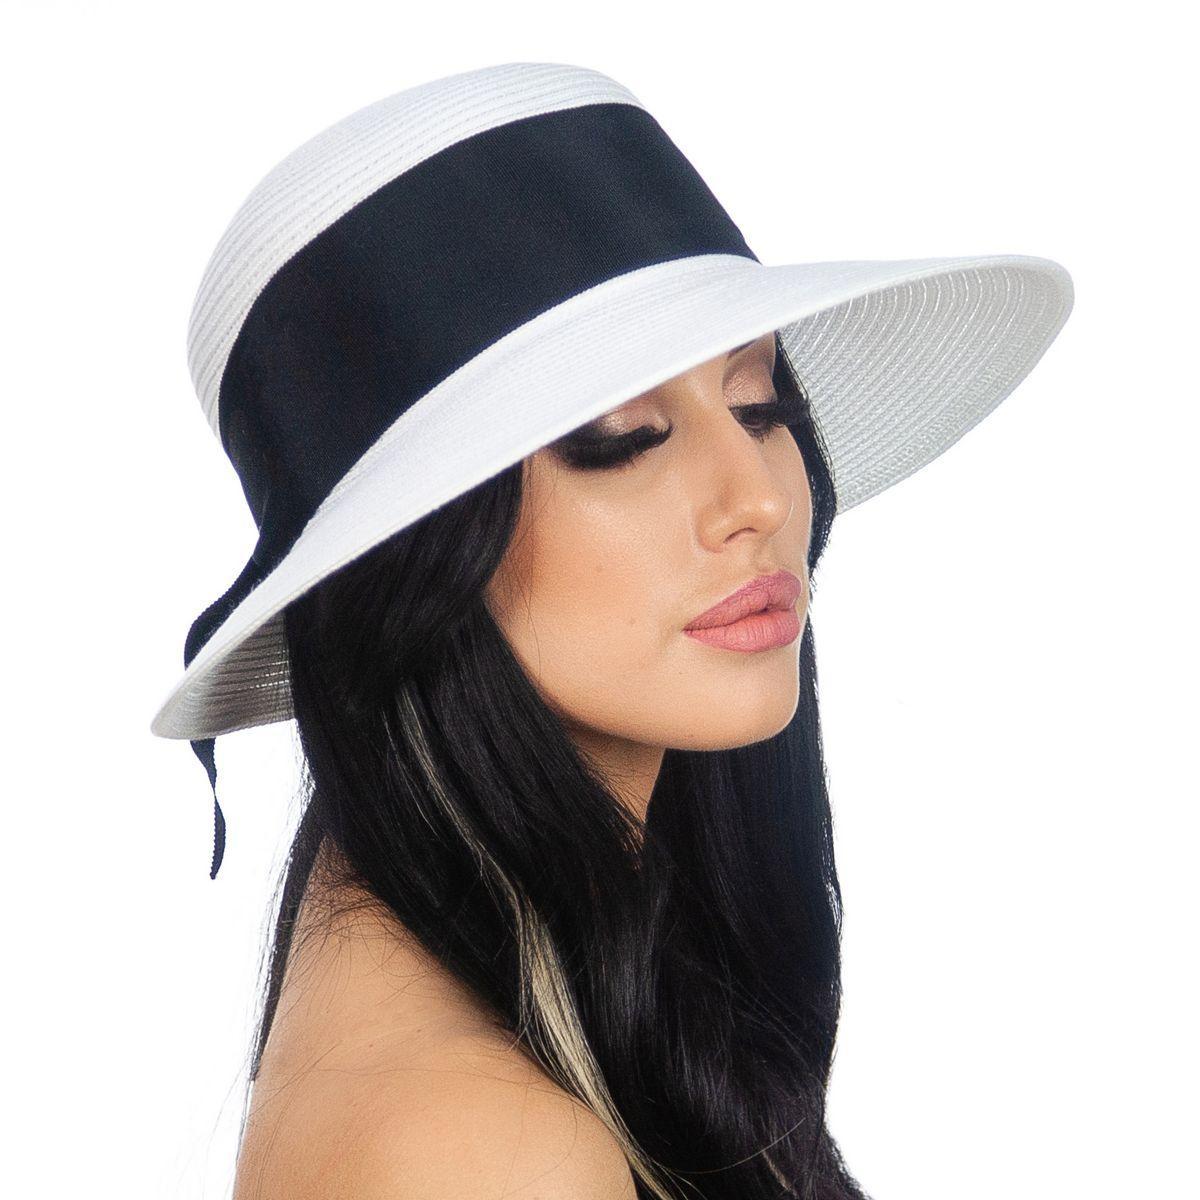 Шляпа женская Marmilen Бона бант бело черная( DM-170-0201 )